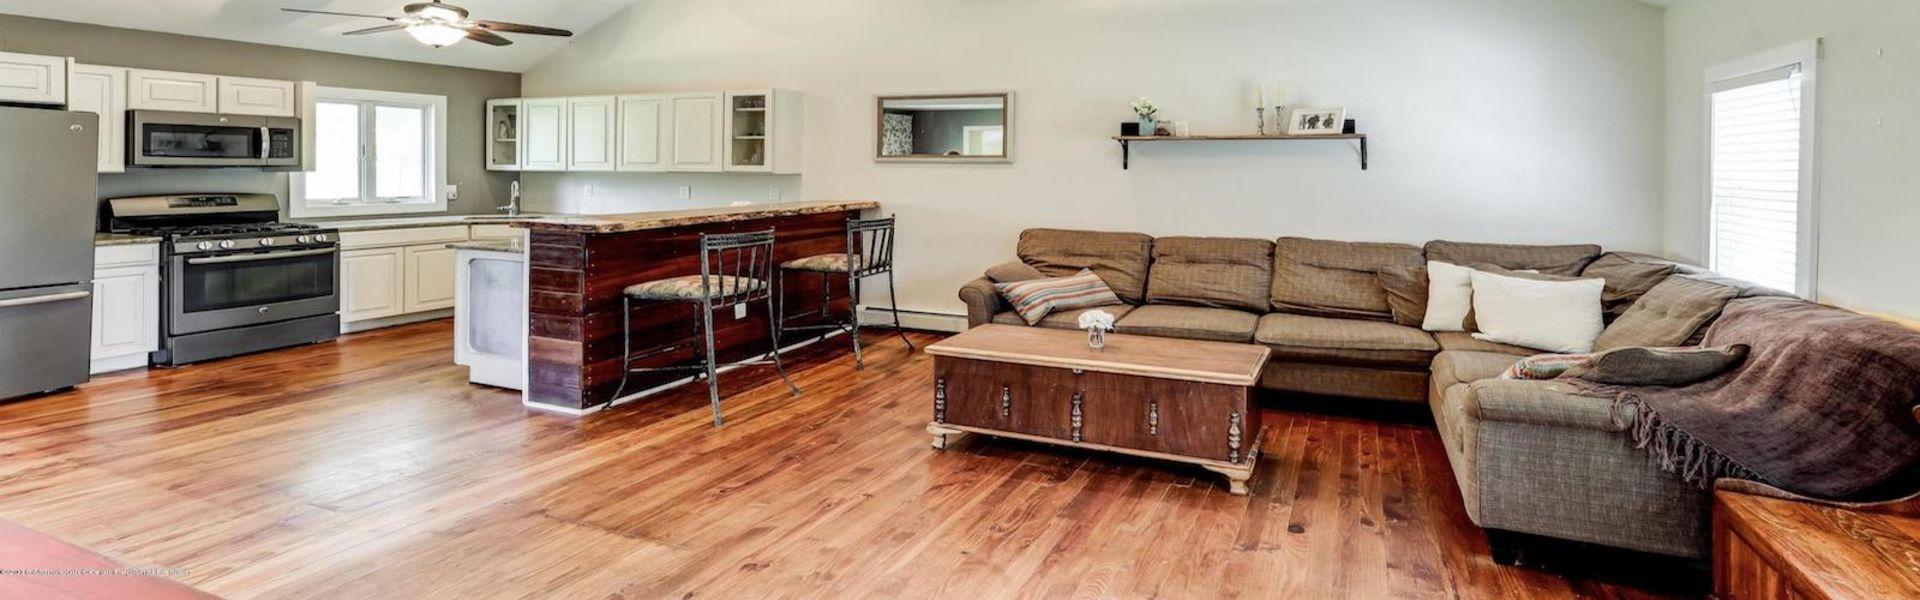 846 W Briar Ave, Toms River, NJ 08753 – $199,000